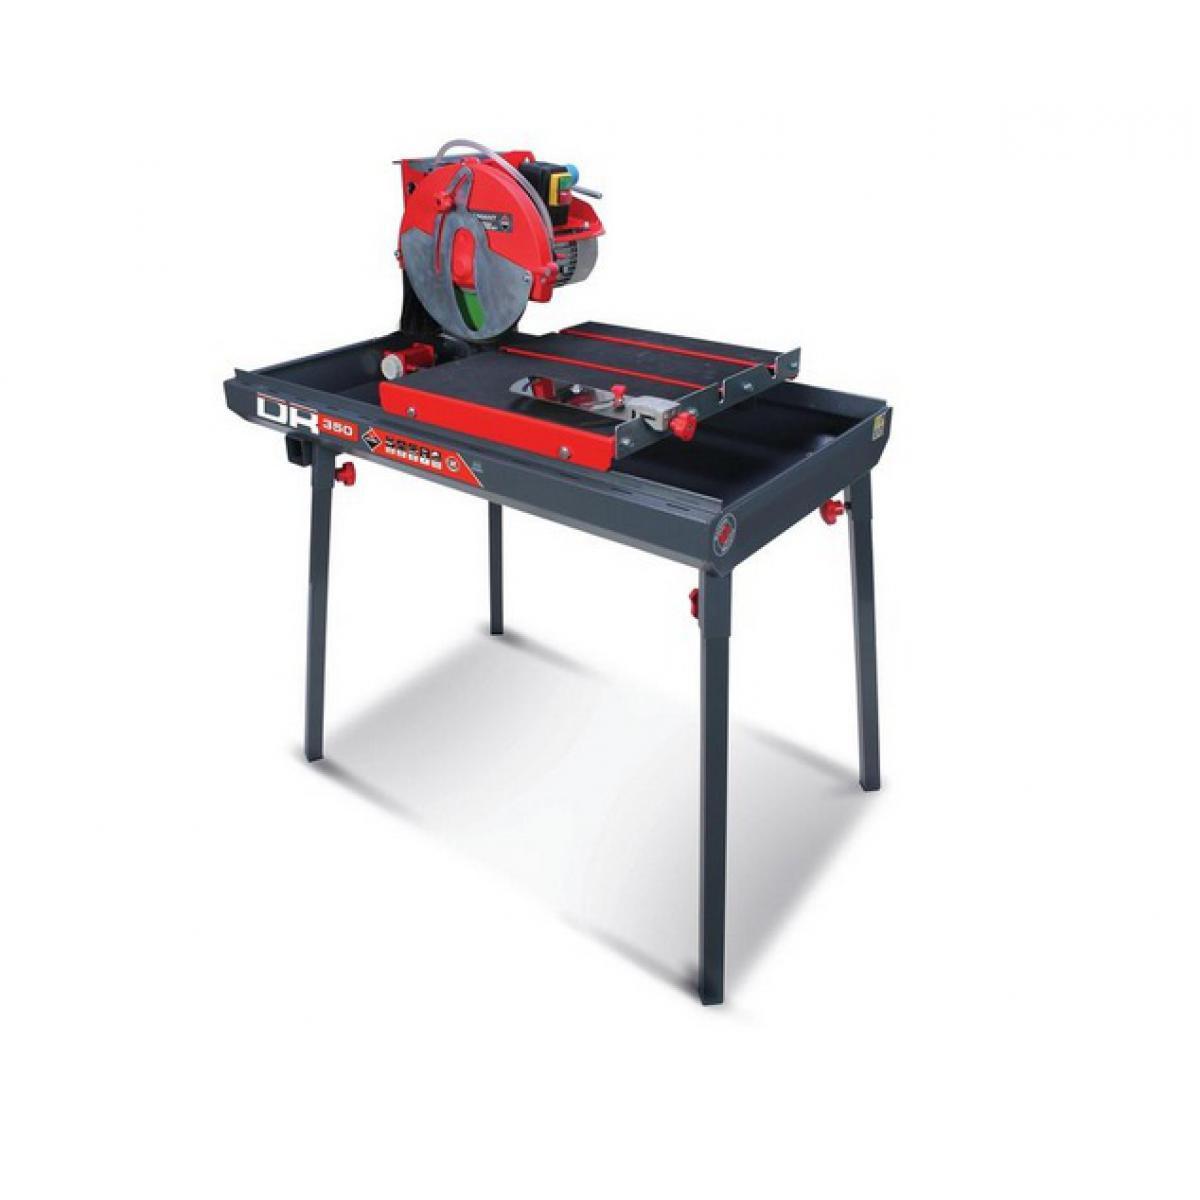 Rubi Rubi - Coupeuse électrique 230V-50Hz 300-350 mm - DR-350 230V-50Hz